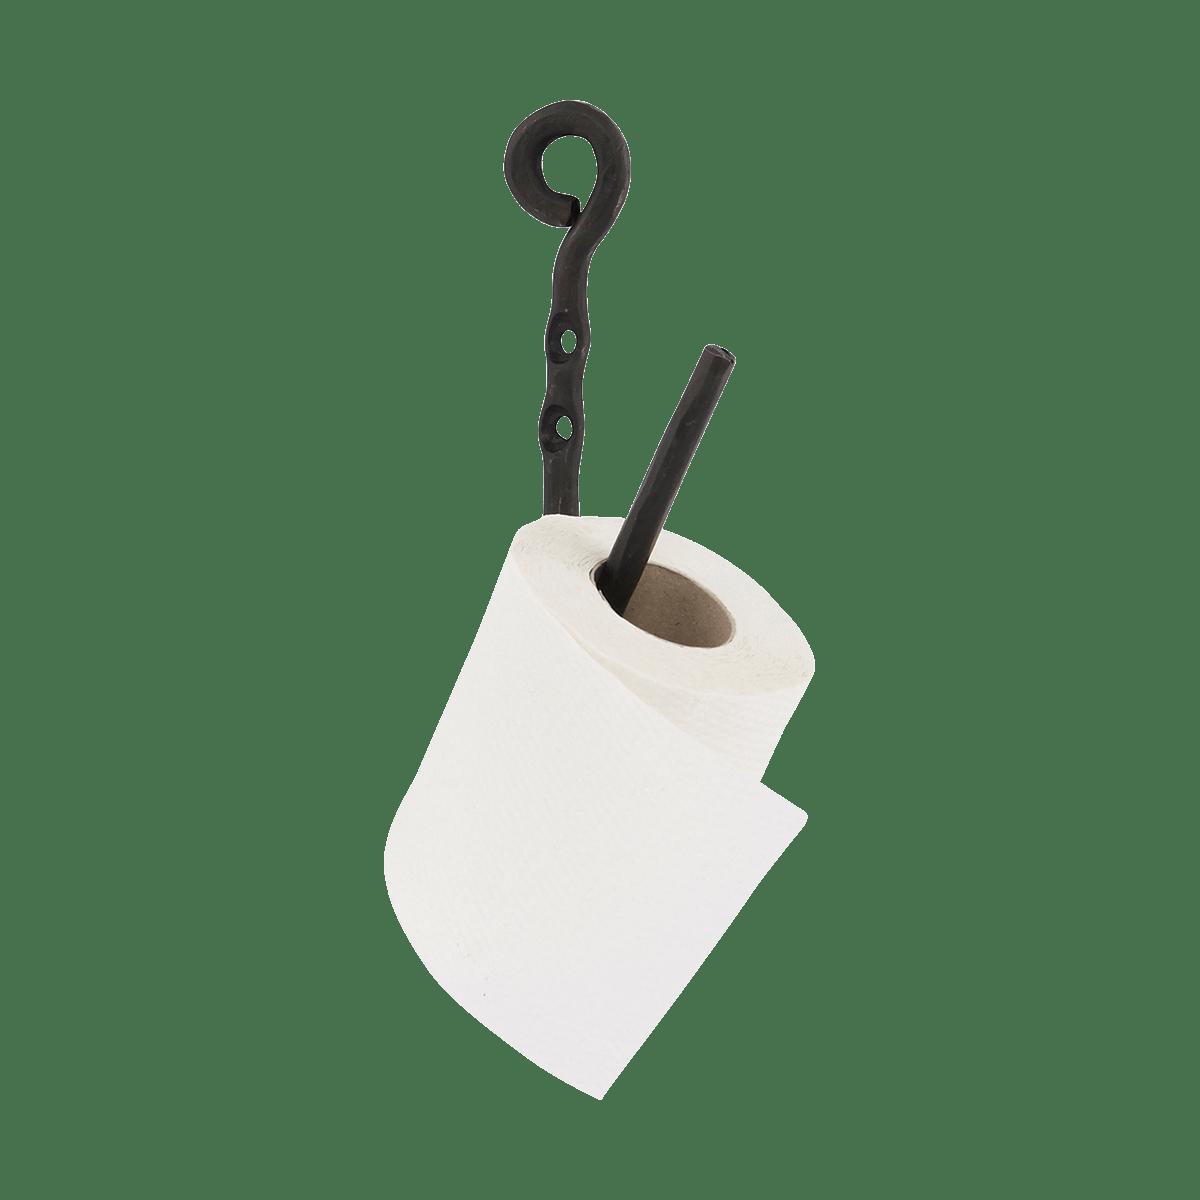 Držák na toaletní papír Cast